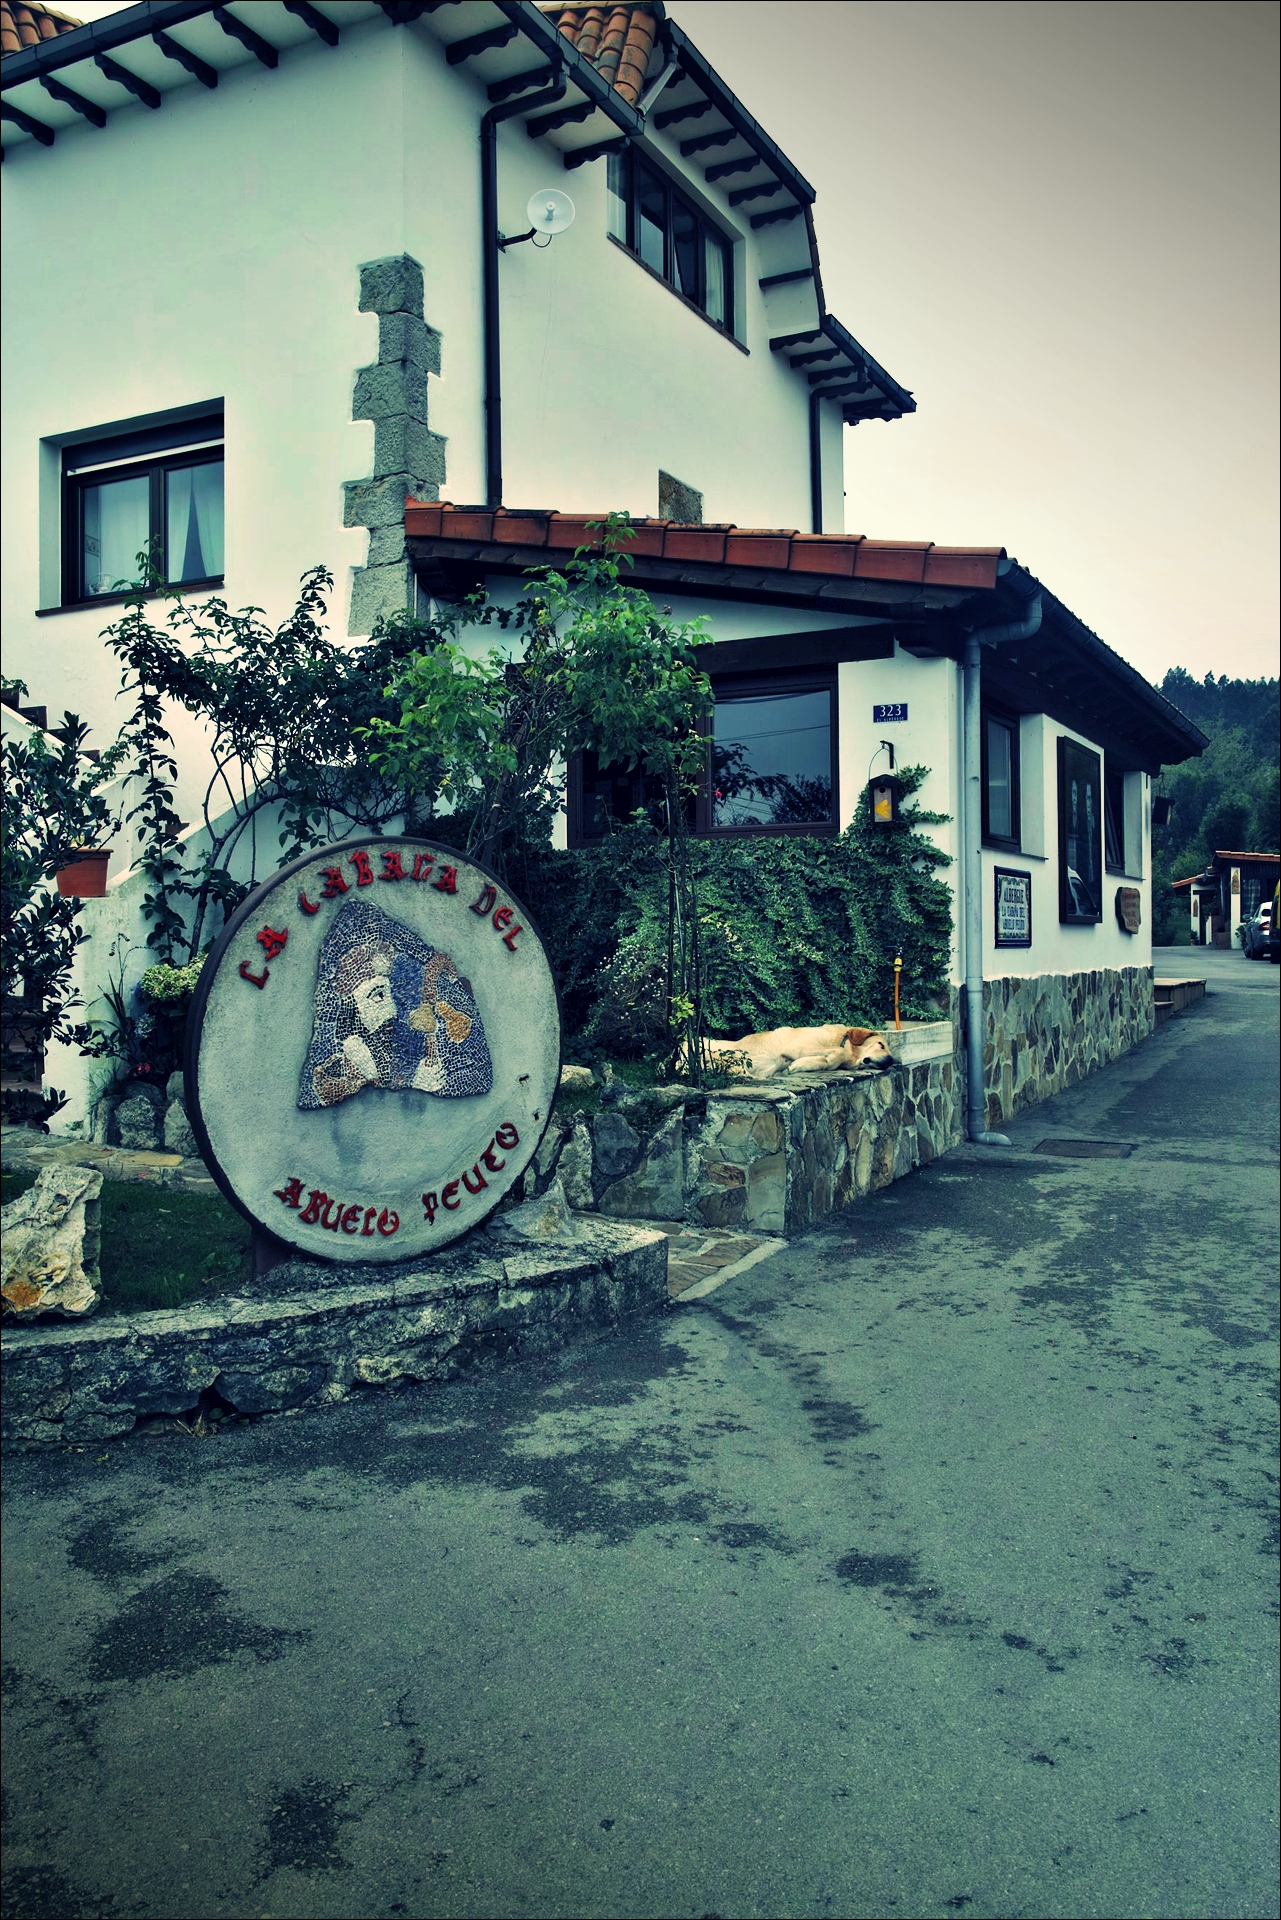 궤메스 알베르게-'카미노 데 산티아고 북쪽길. 노하에서 궤메스. (Camino del Norte - Noja to Güemes)'